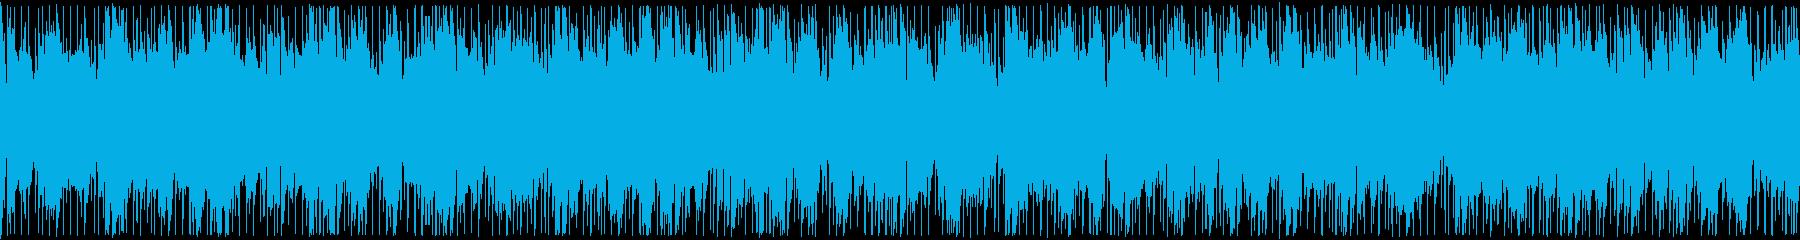 延々と聴いていたいchillループの再生済みの波形